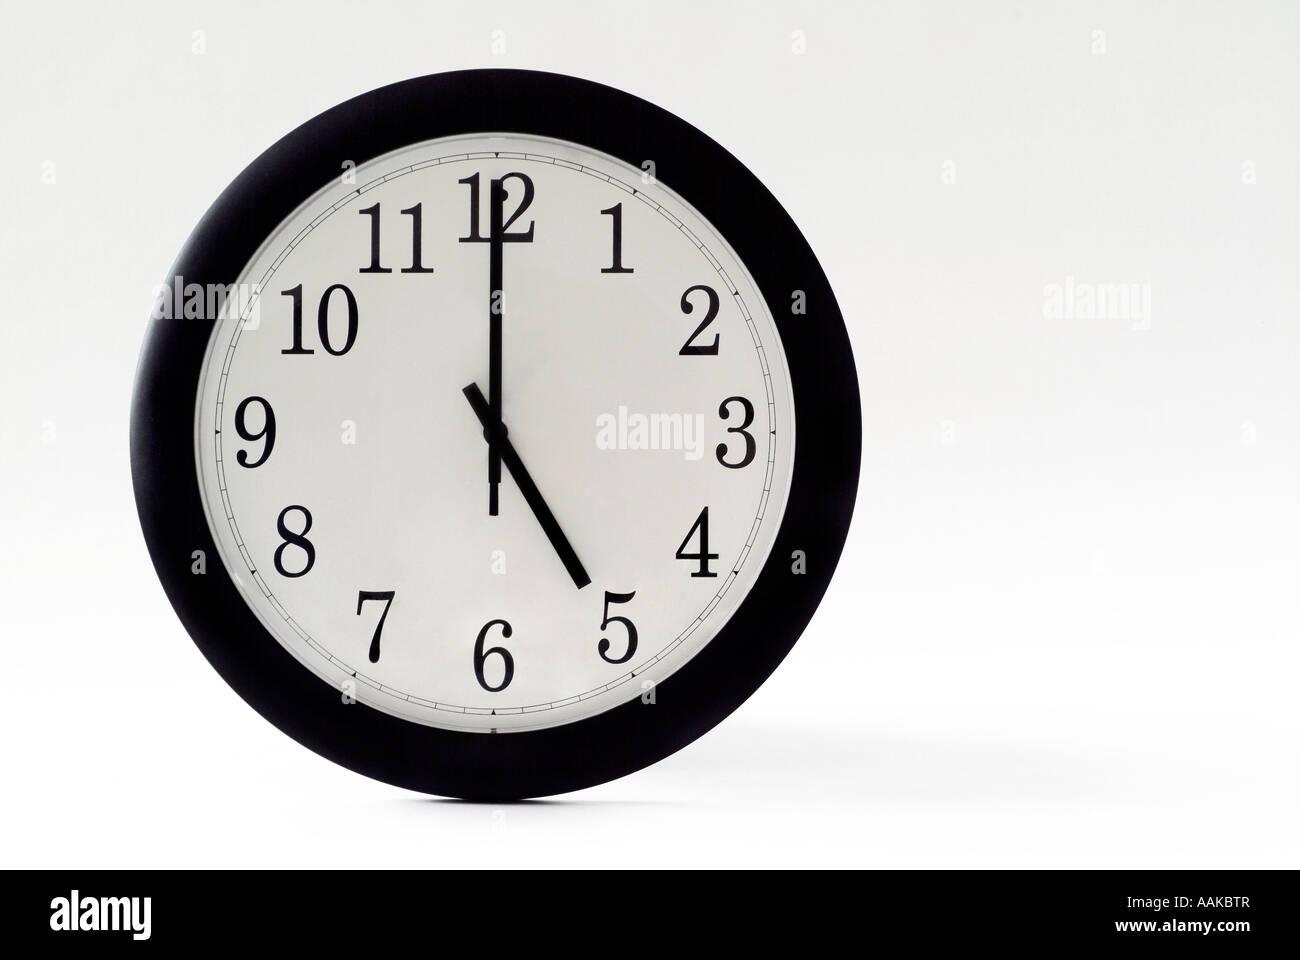 5:00 en el reloj Imagen De Stock